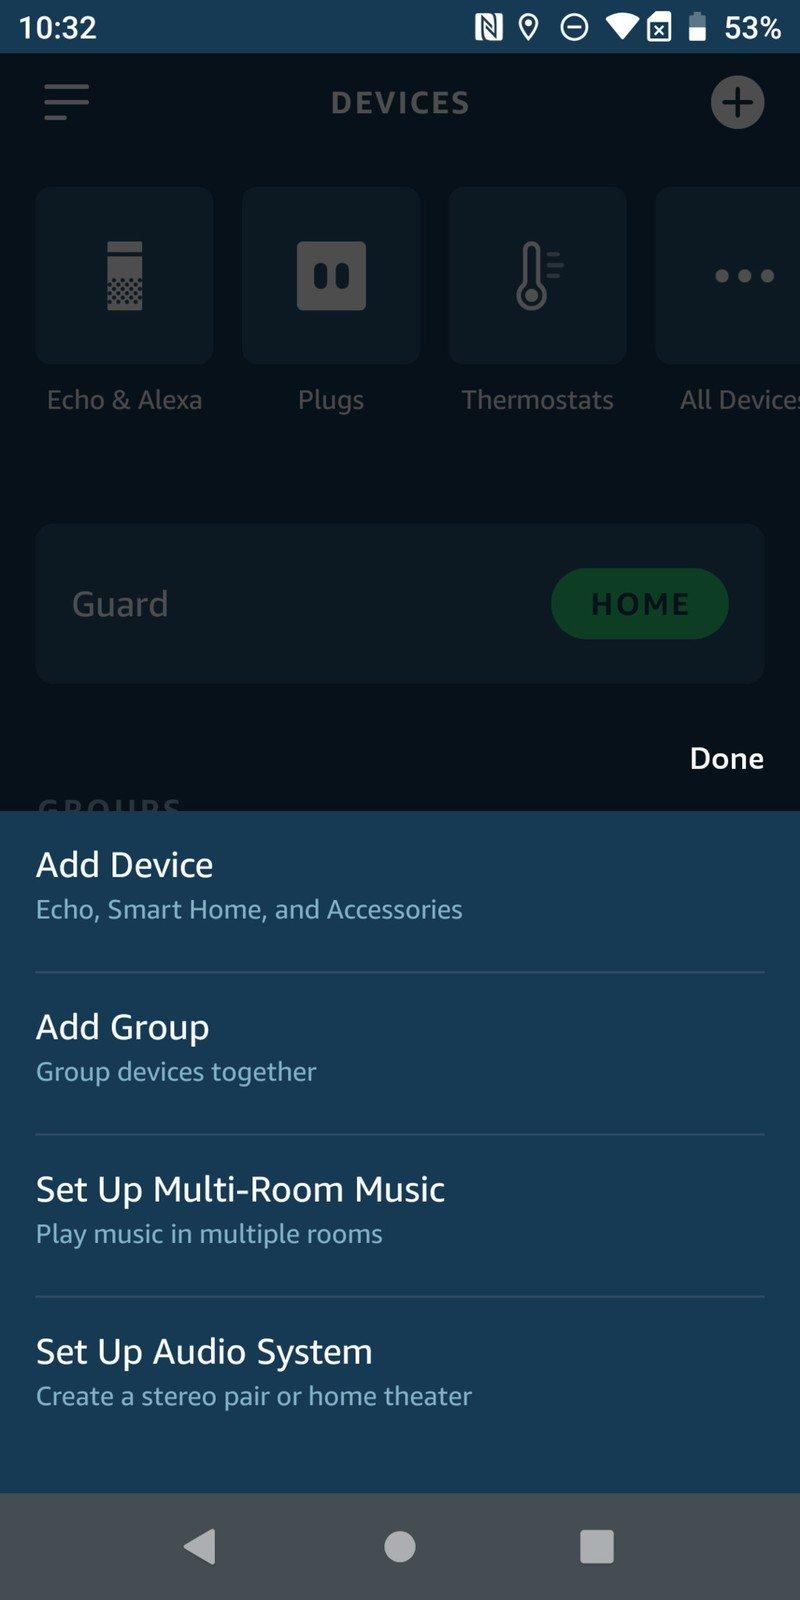 alexa-app-stereo-2.jpg?itok=kwDMIrzG